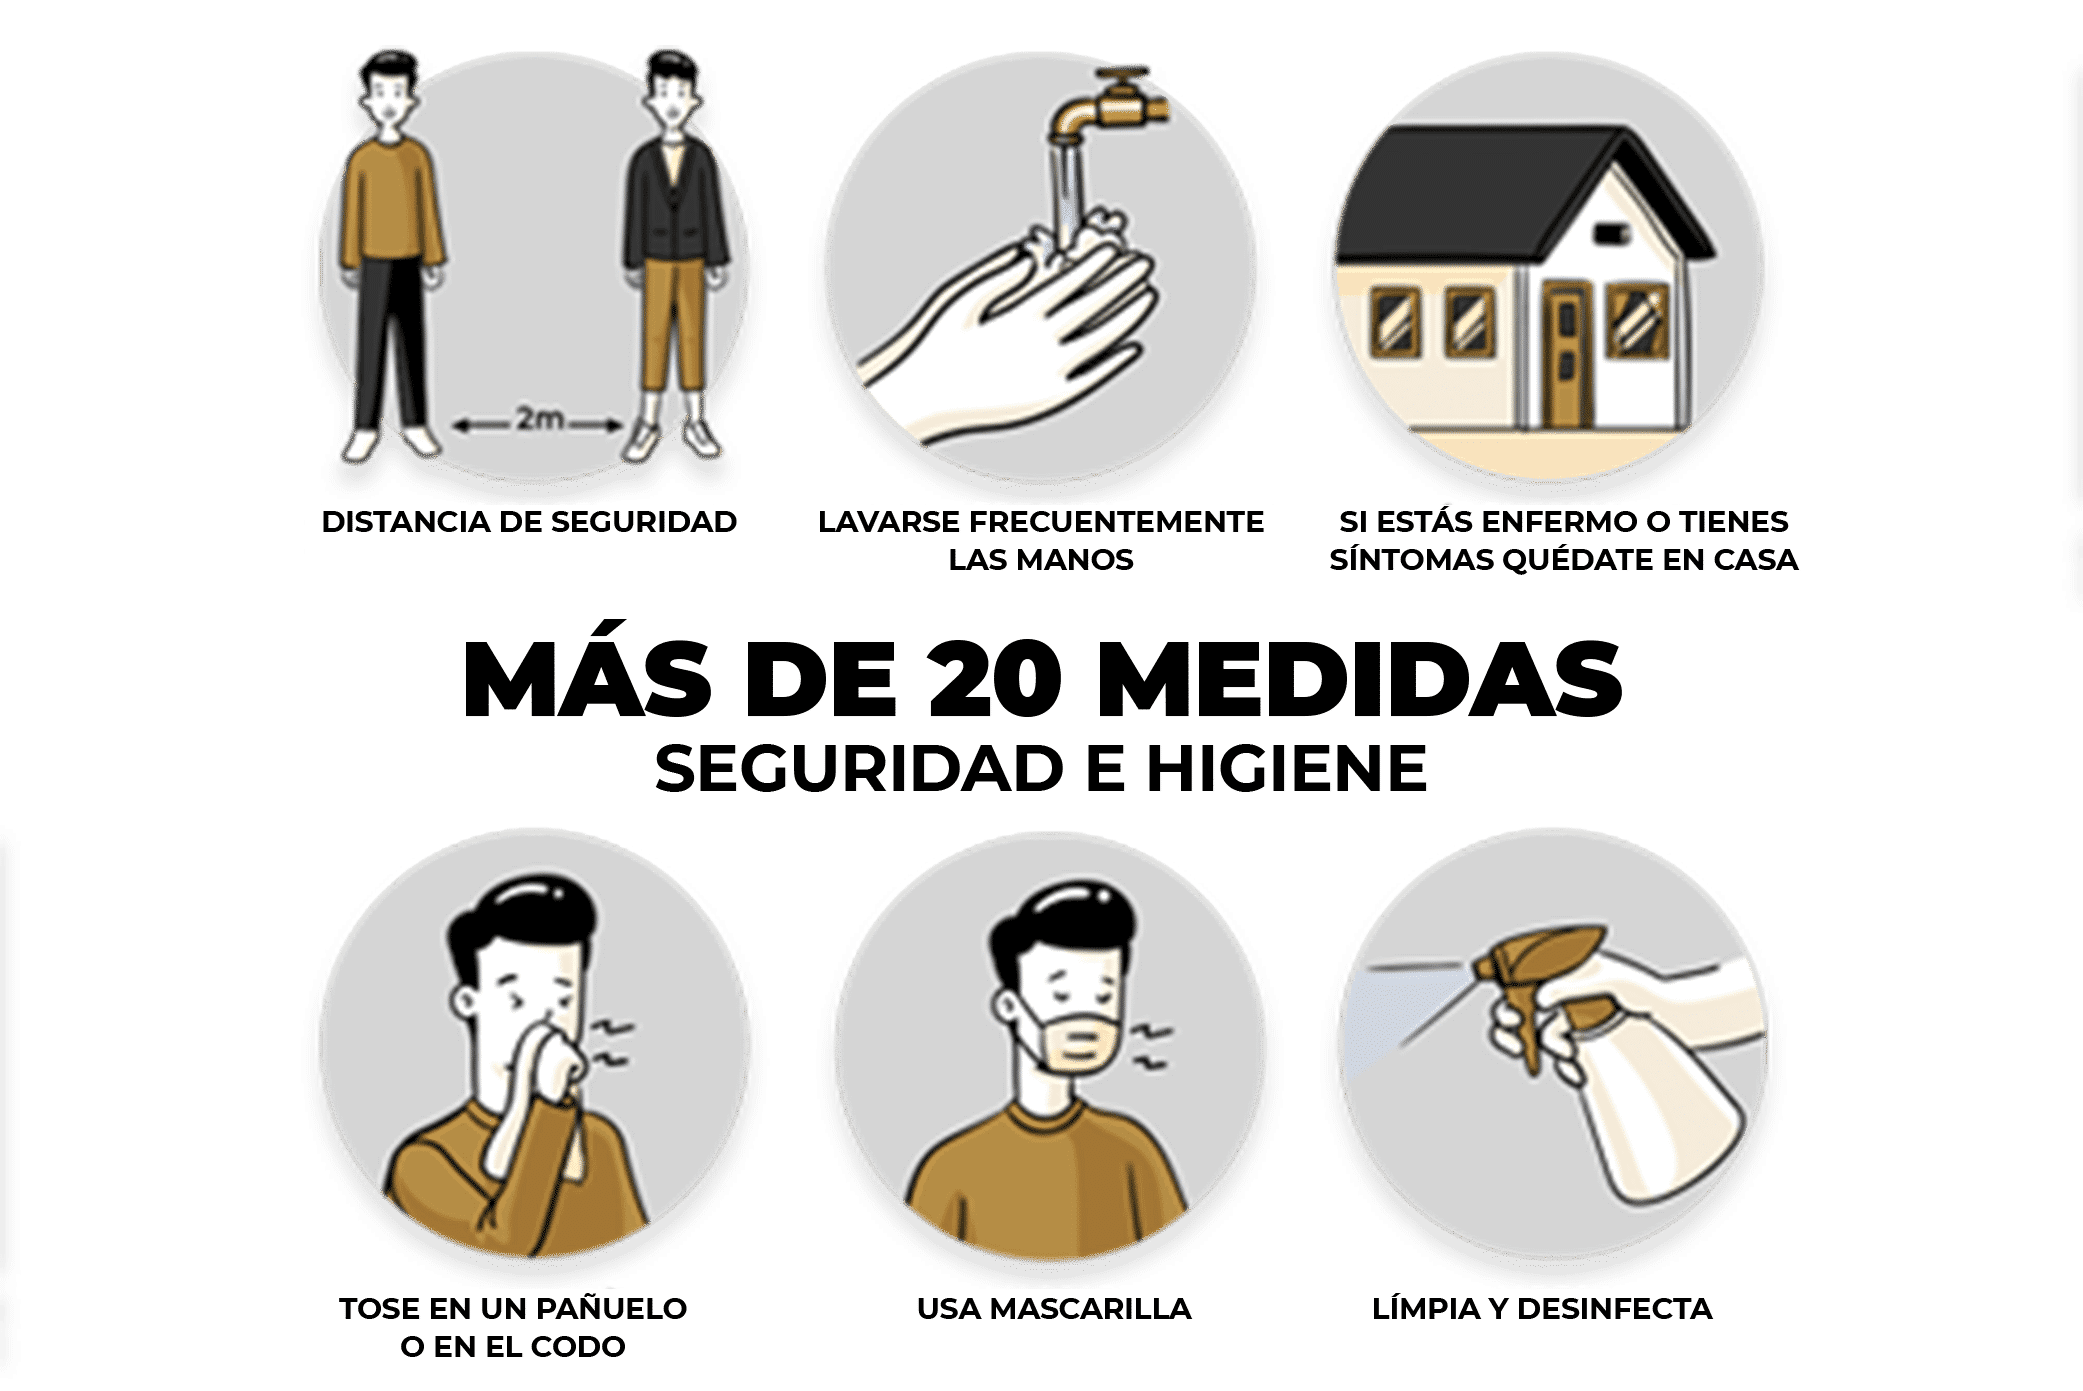 Bei Pavimentos Mandianes Parquets i Puertas Barcelona ist Ihre Sicherheit das Wichtigste. Deshalb halten wir mehr als 20 Hygienemaßnahmen ein.